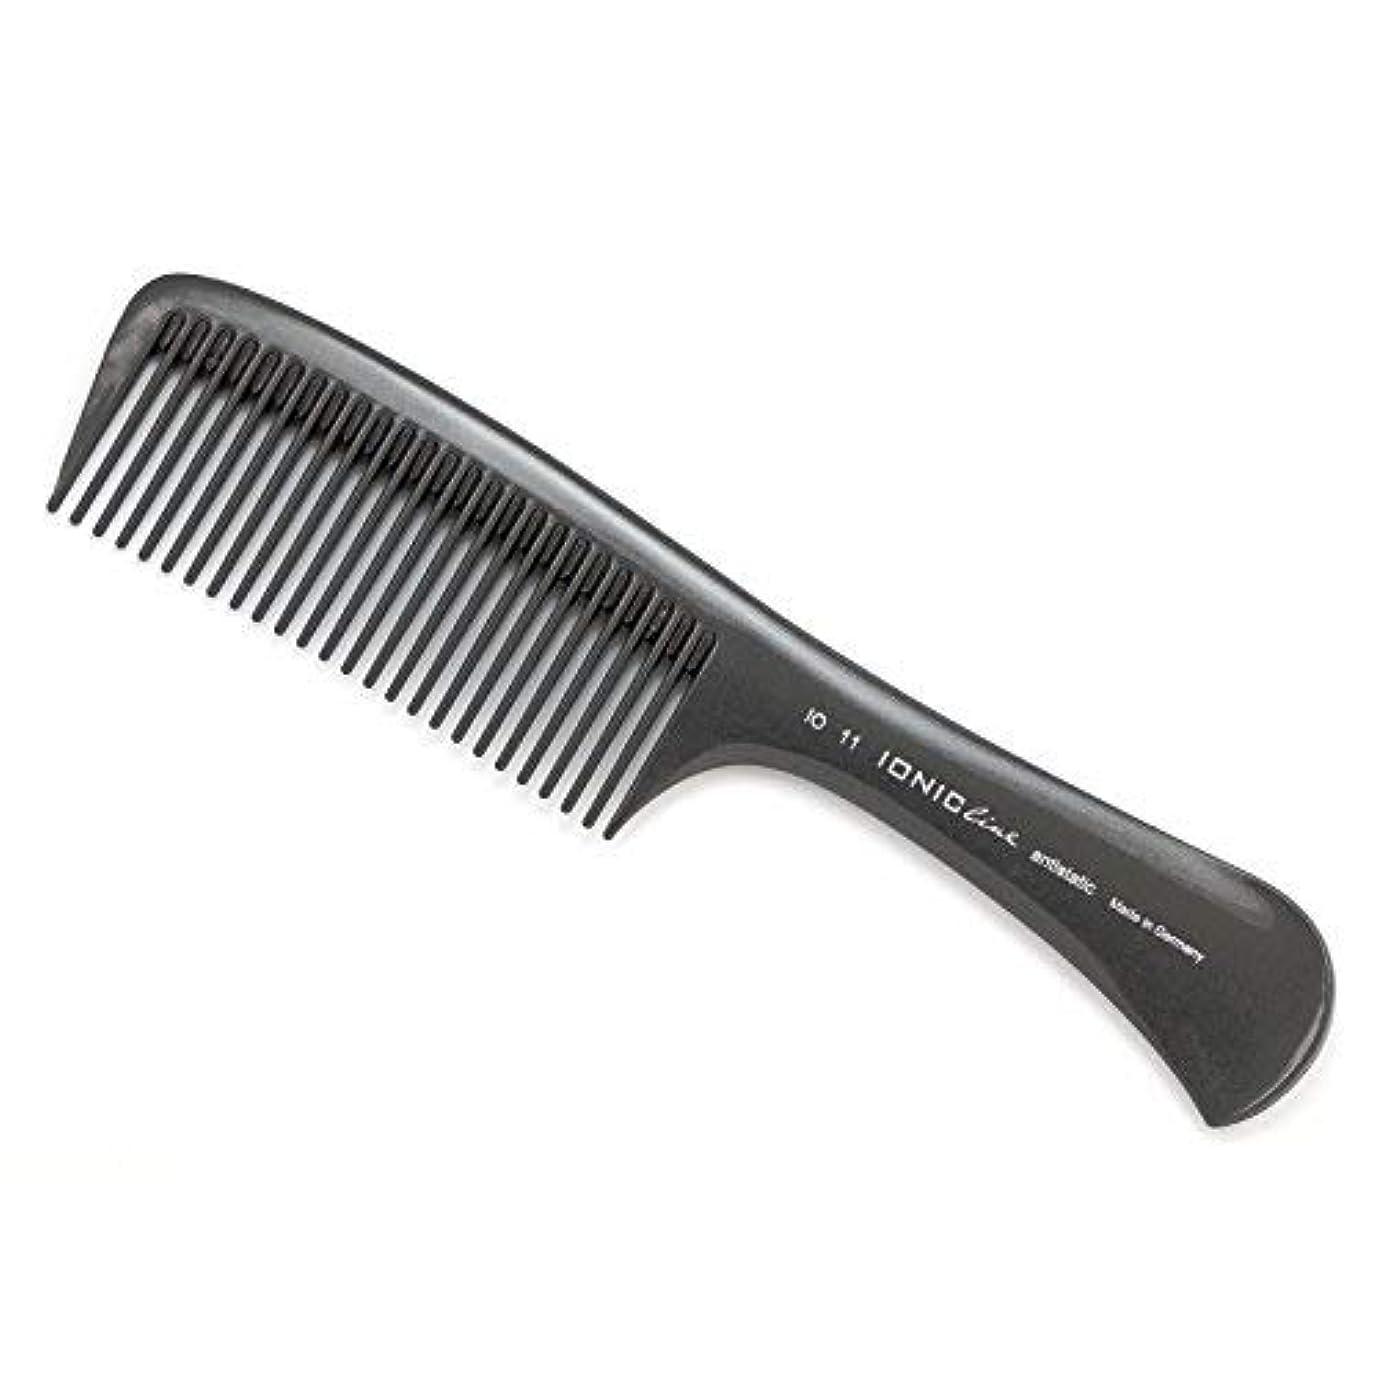 光沢のあるまだ講義Hercules S?gemann IONIC Line Handle Comb, Big Working Comb   Ionized Thermoplastic - Made in Germany [並行輸入品]